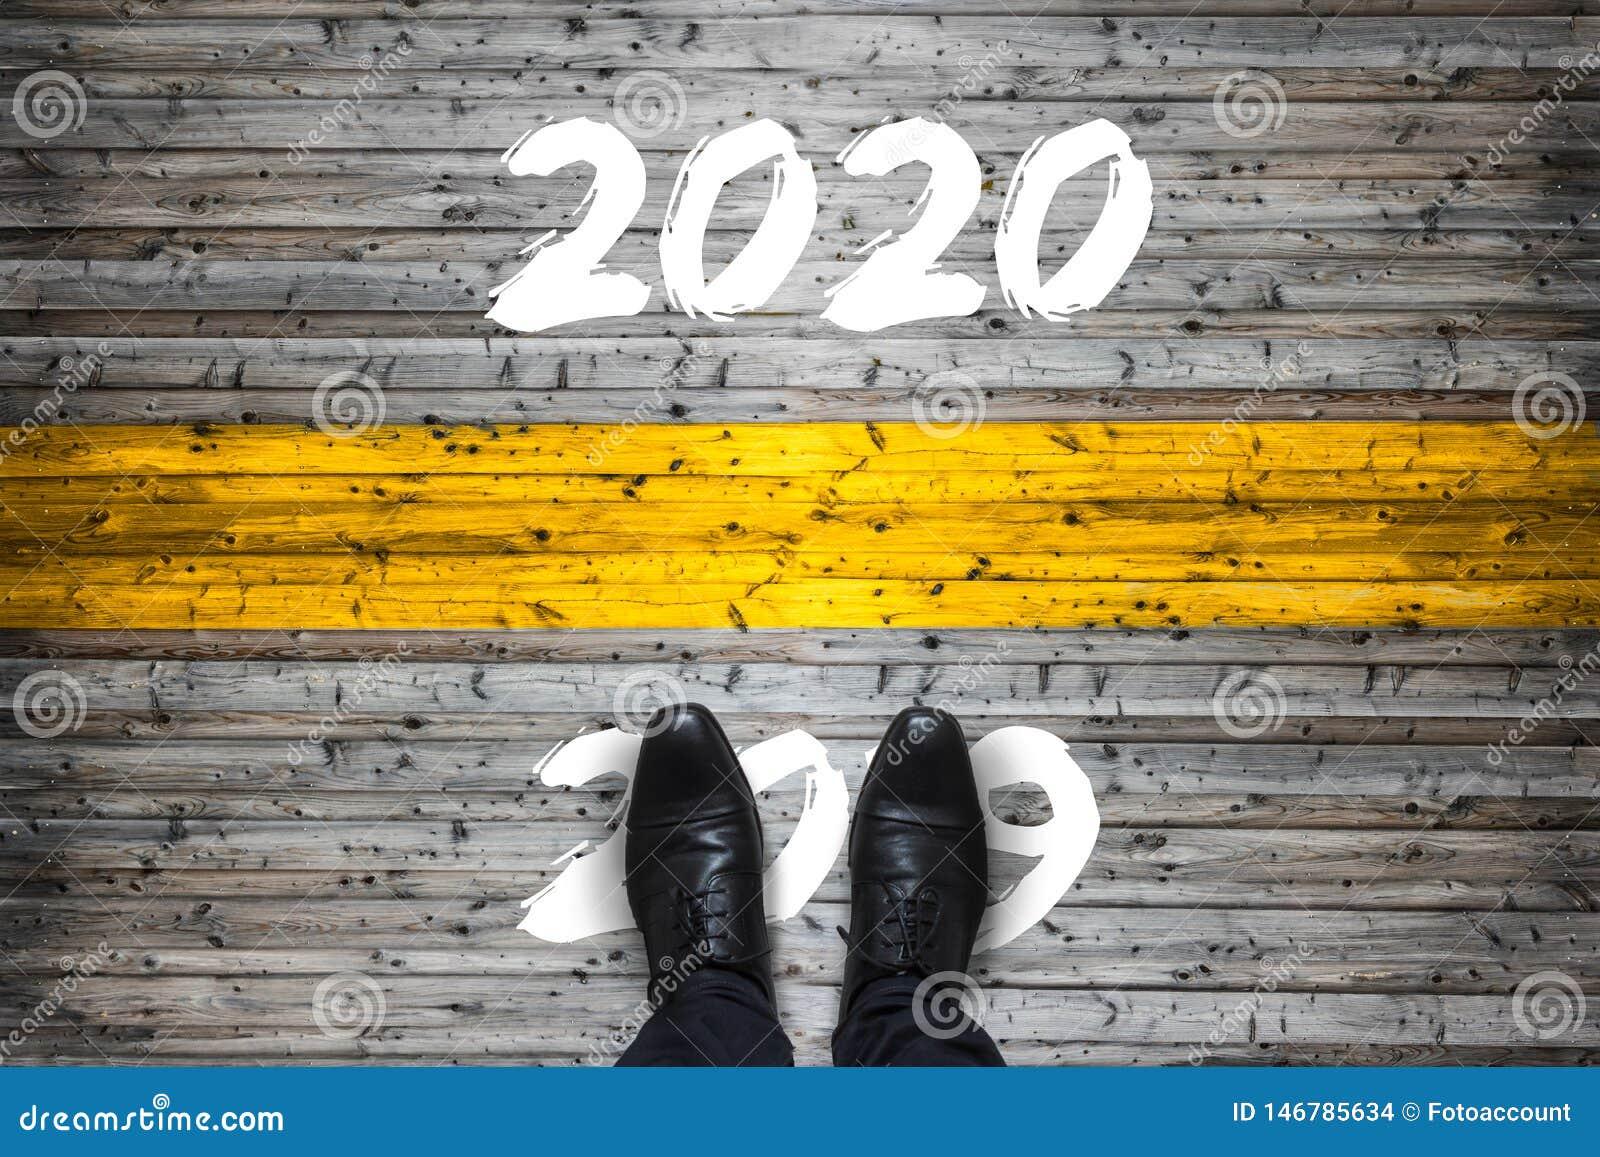 Concetto Di Inizio Di Benvenuto 2020 - Arrivederci 2019 - Fotografia Stock  - Immagine di concreto, background: 146785634